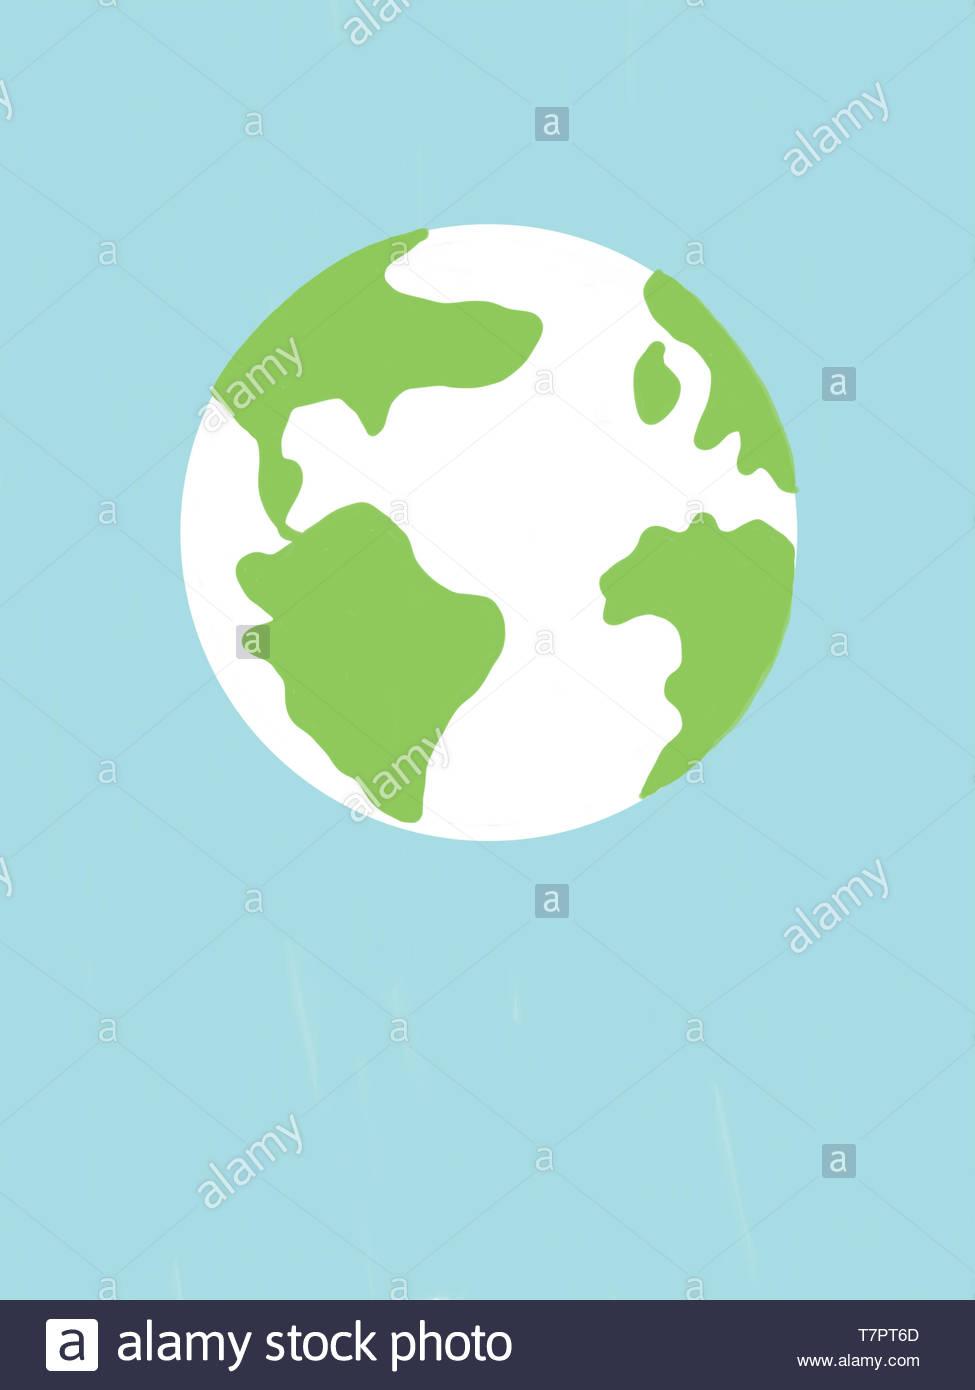 La Planète Terre Dessin Numérique Banque D Images Photo